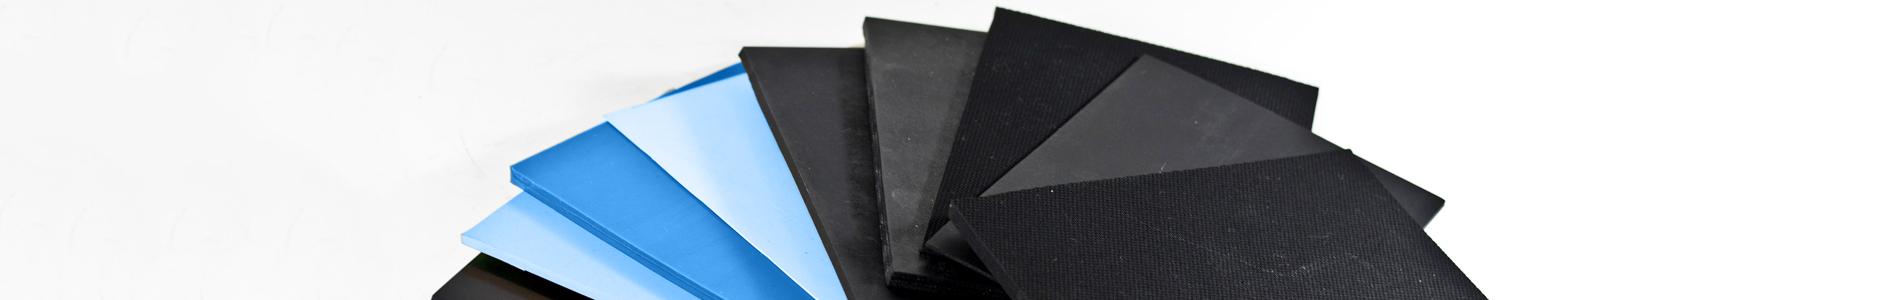 Planchas de elastómeros